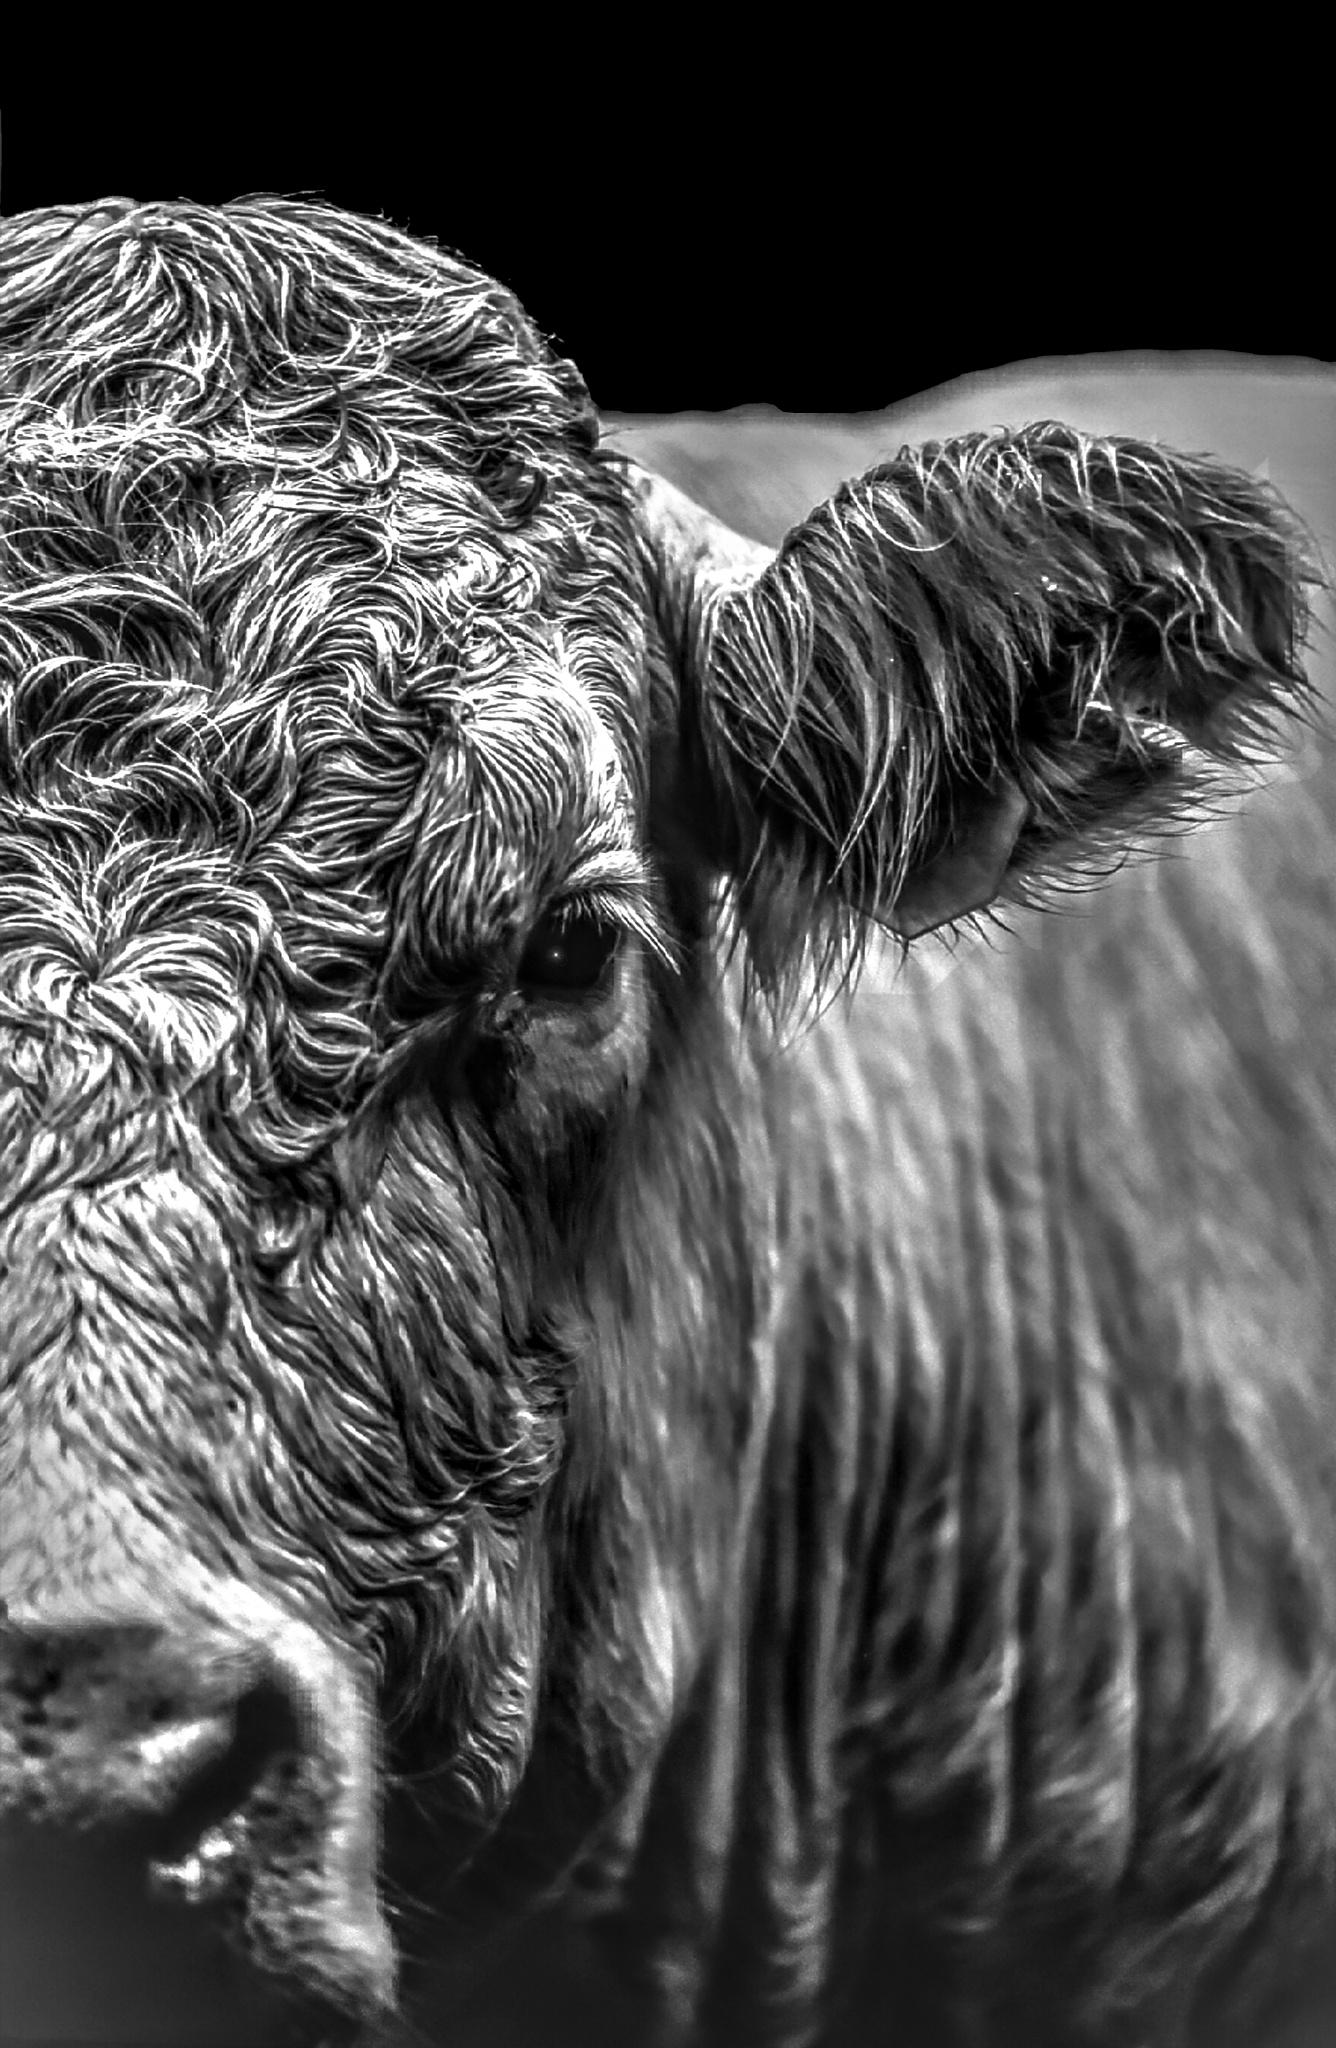 [ wet cow ] bw by Jan Degen